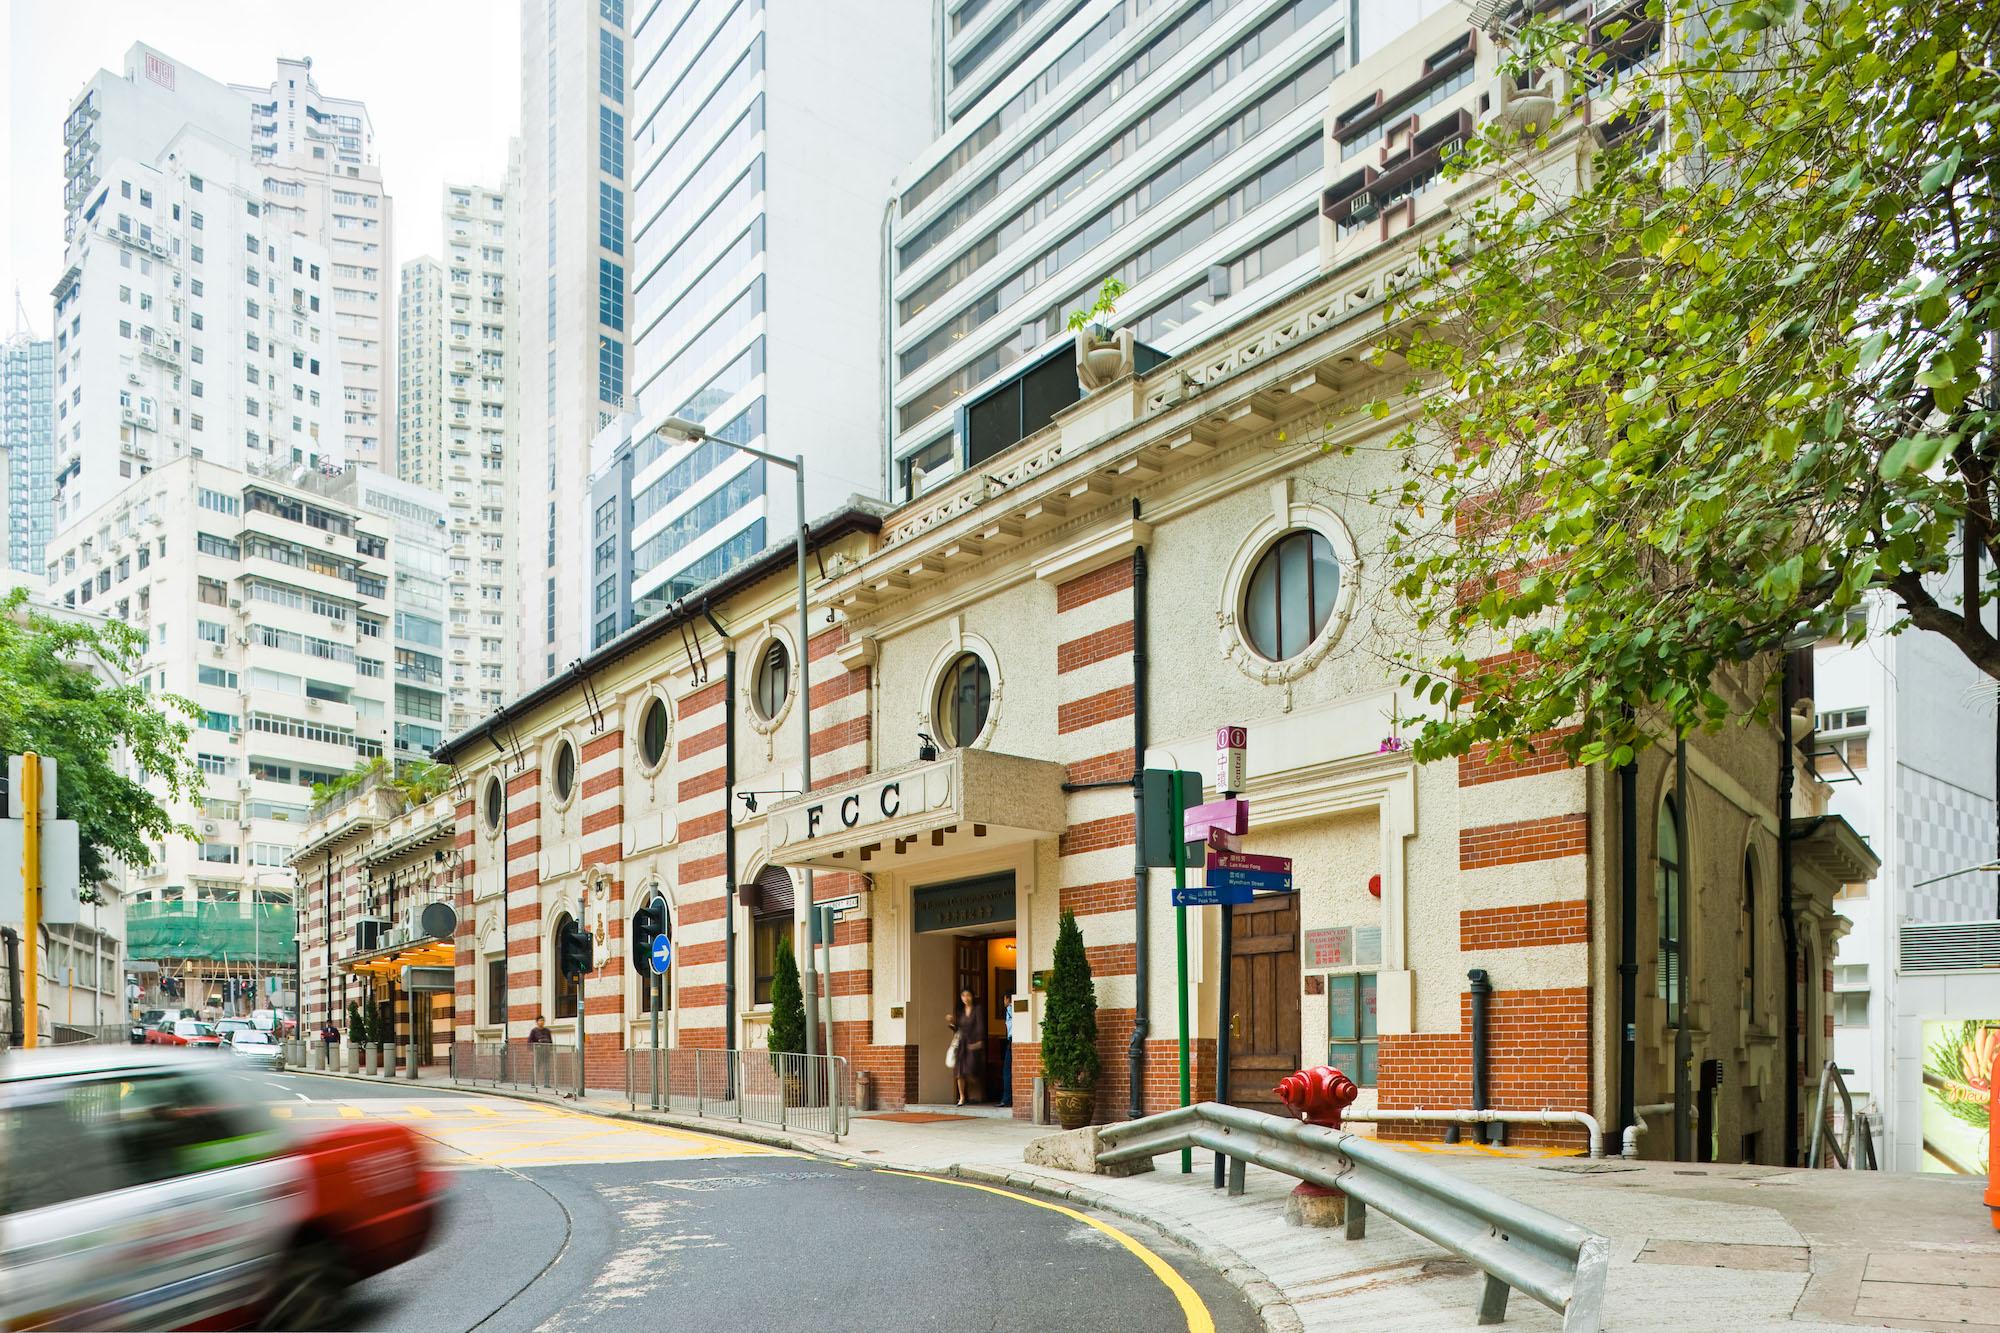 Hong Kong Heritage 8 Colonial Era Restaurants And Bars Cnn Travel